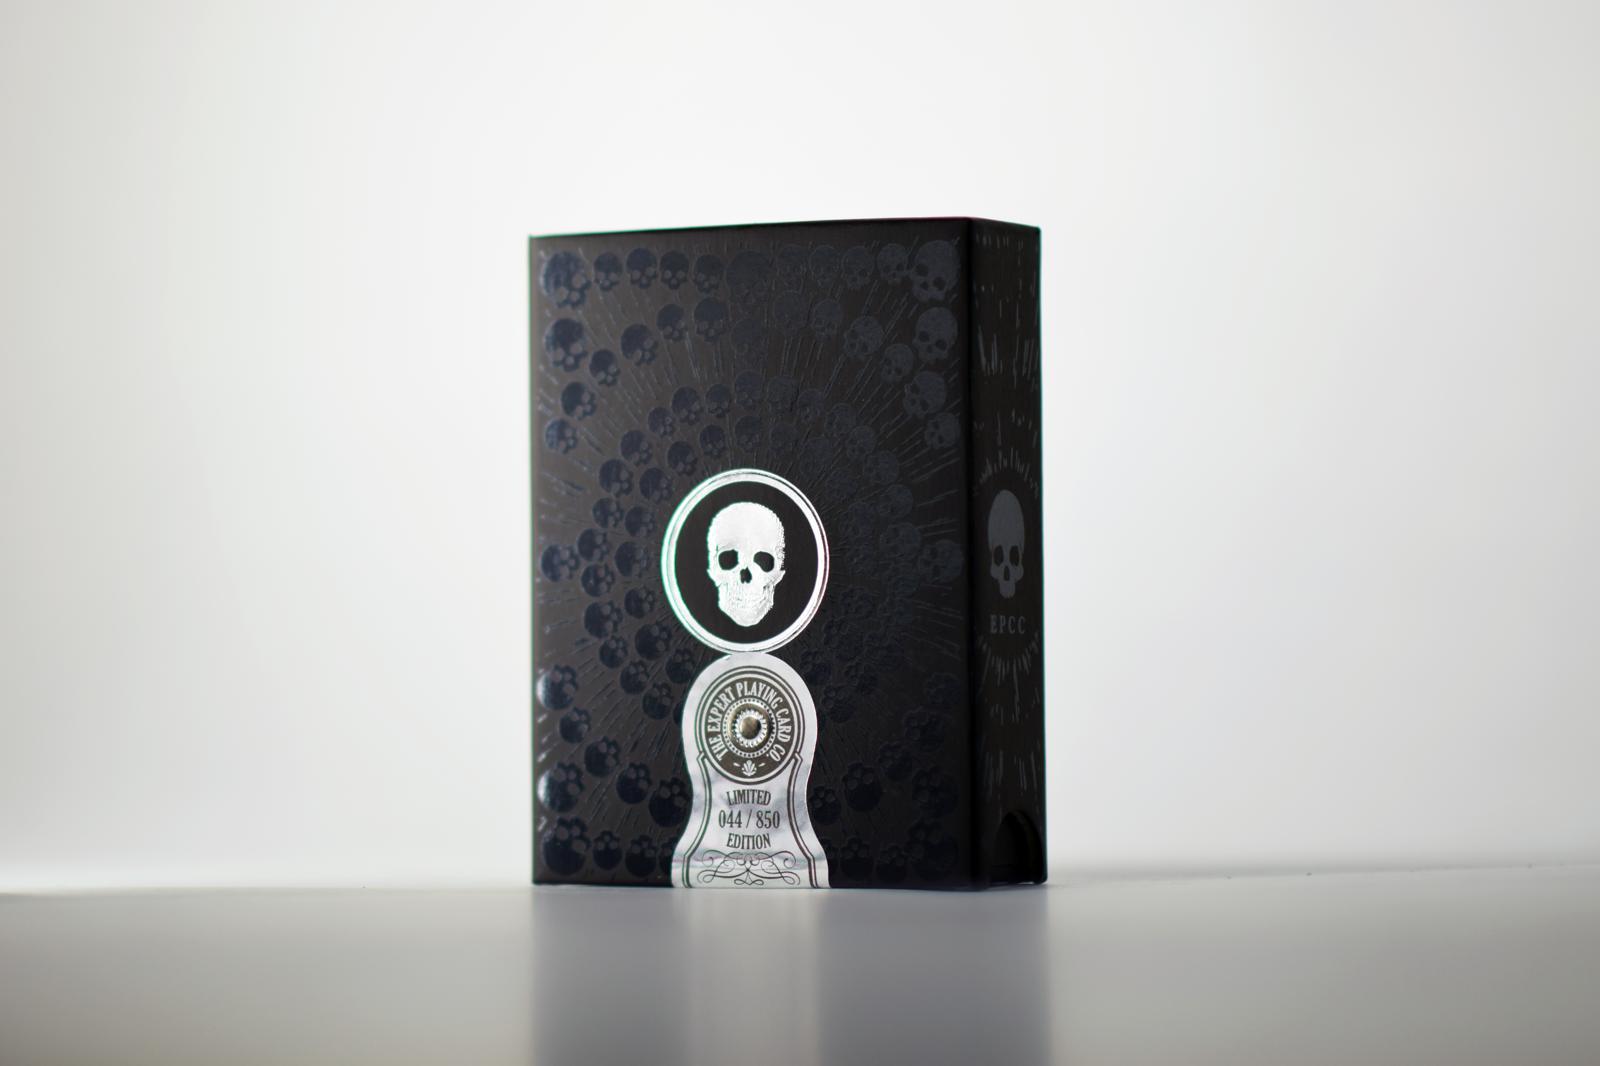 Superior Skull & Bones: Phantom Edition